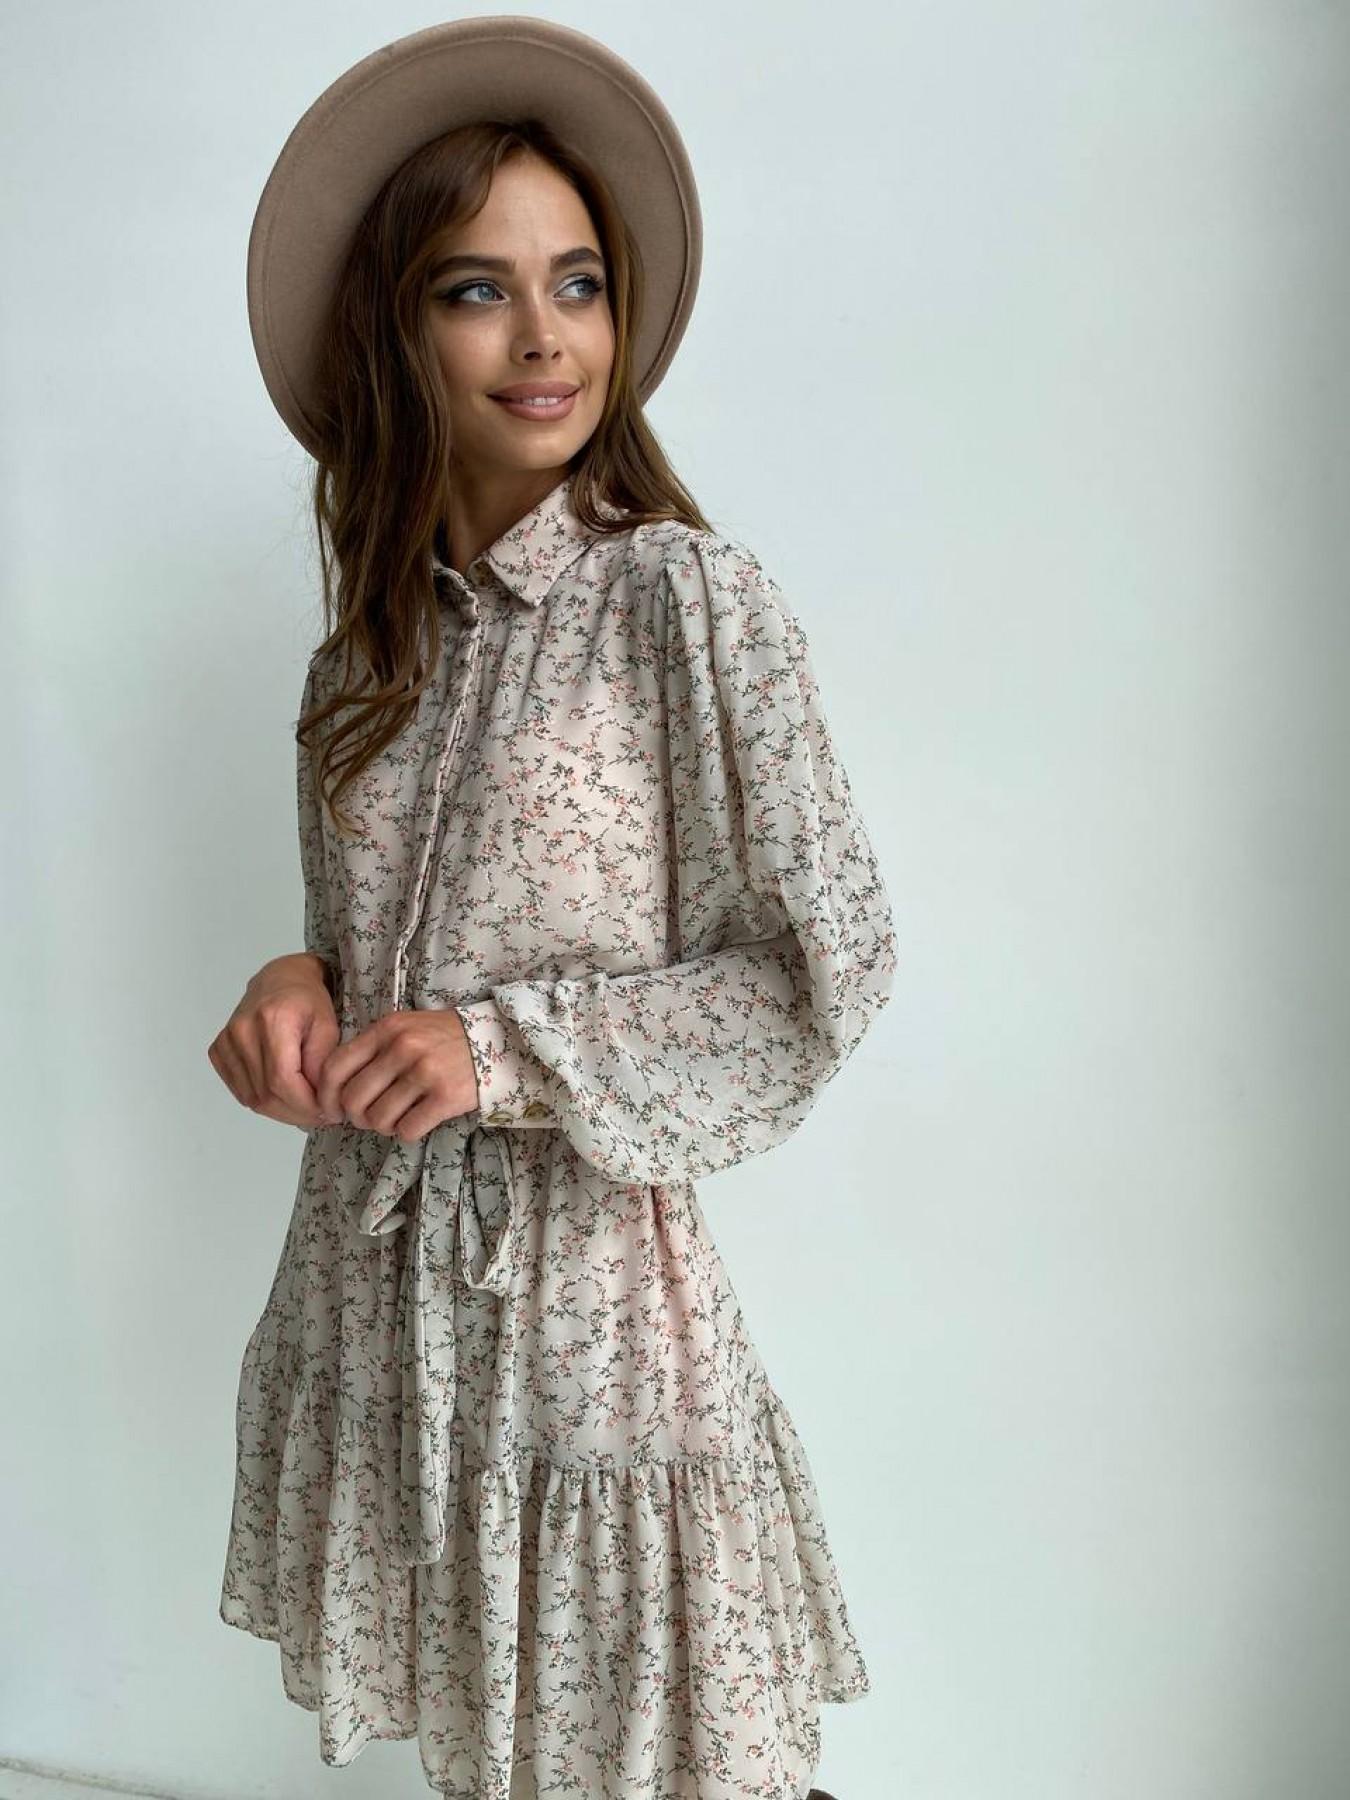 Молизе платье из шифона длиной мини с длинным рукавом в цветочной расцветке 11683 АРТ. 48412 Цвет: Бежевый/букетики - фото 1, интернет магазин tm-modus.ru